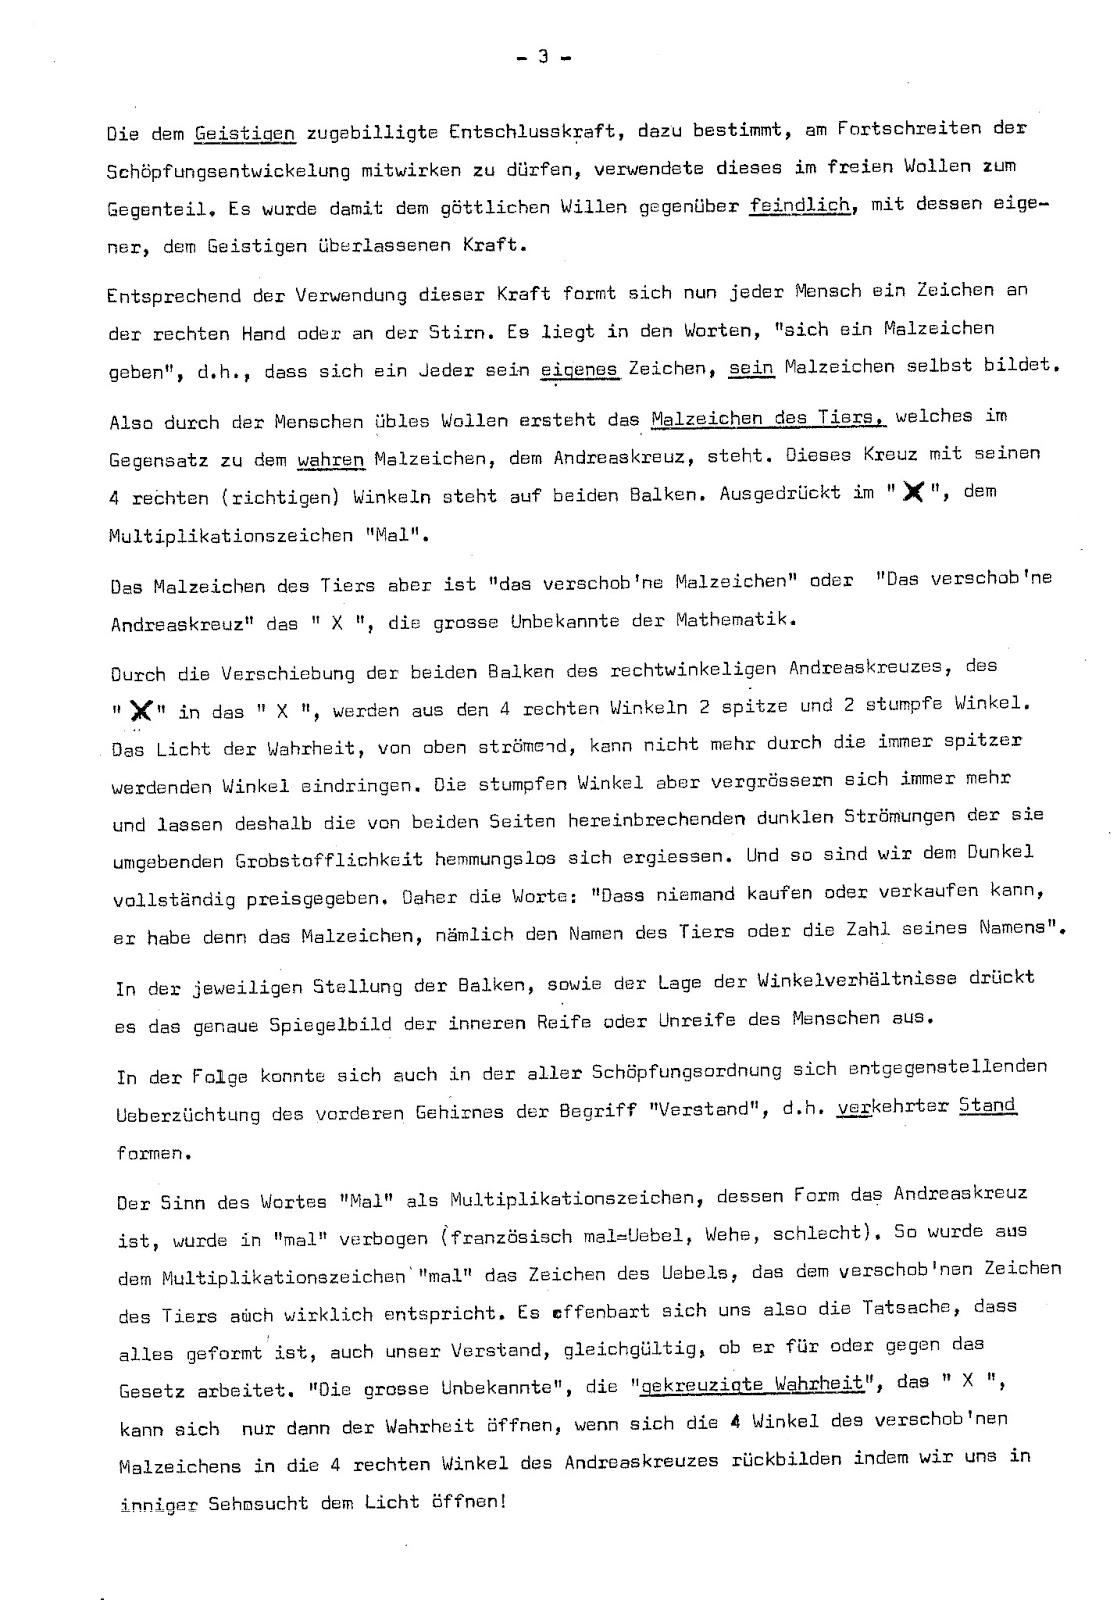 Charmant Wie Man In Ein Neues Licht Eindringt Fotos - Die Besten ...